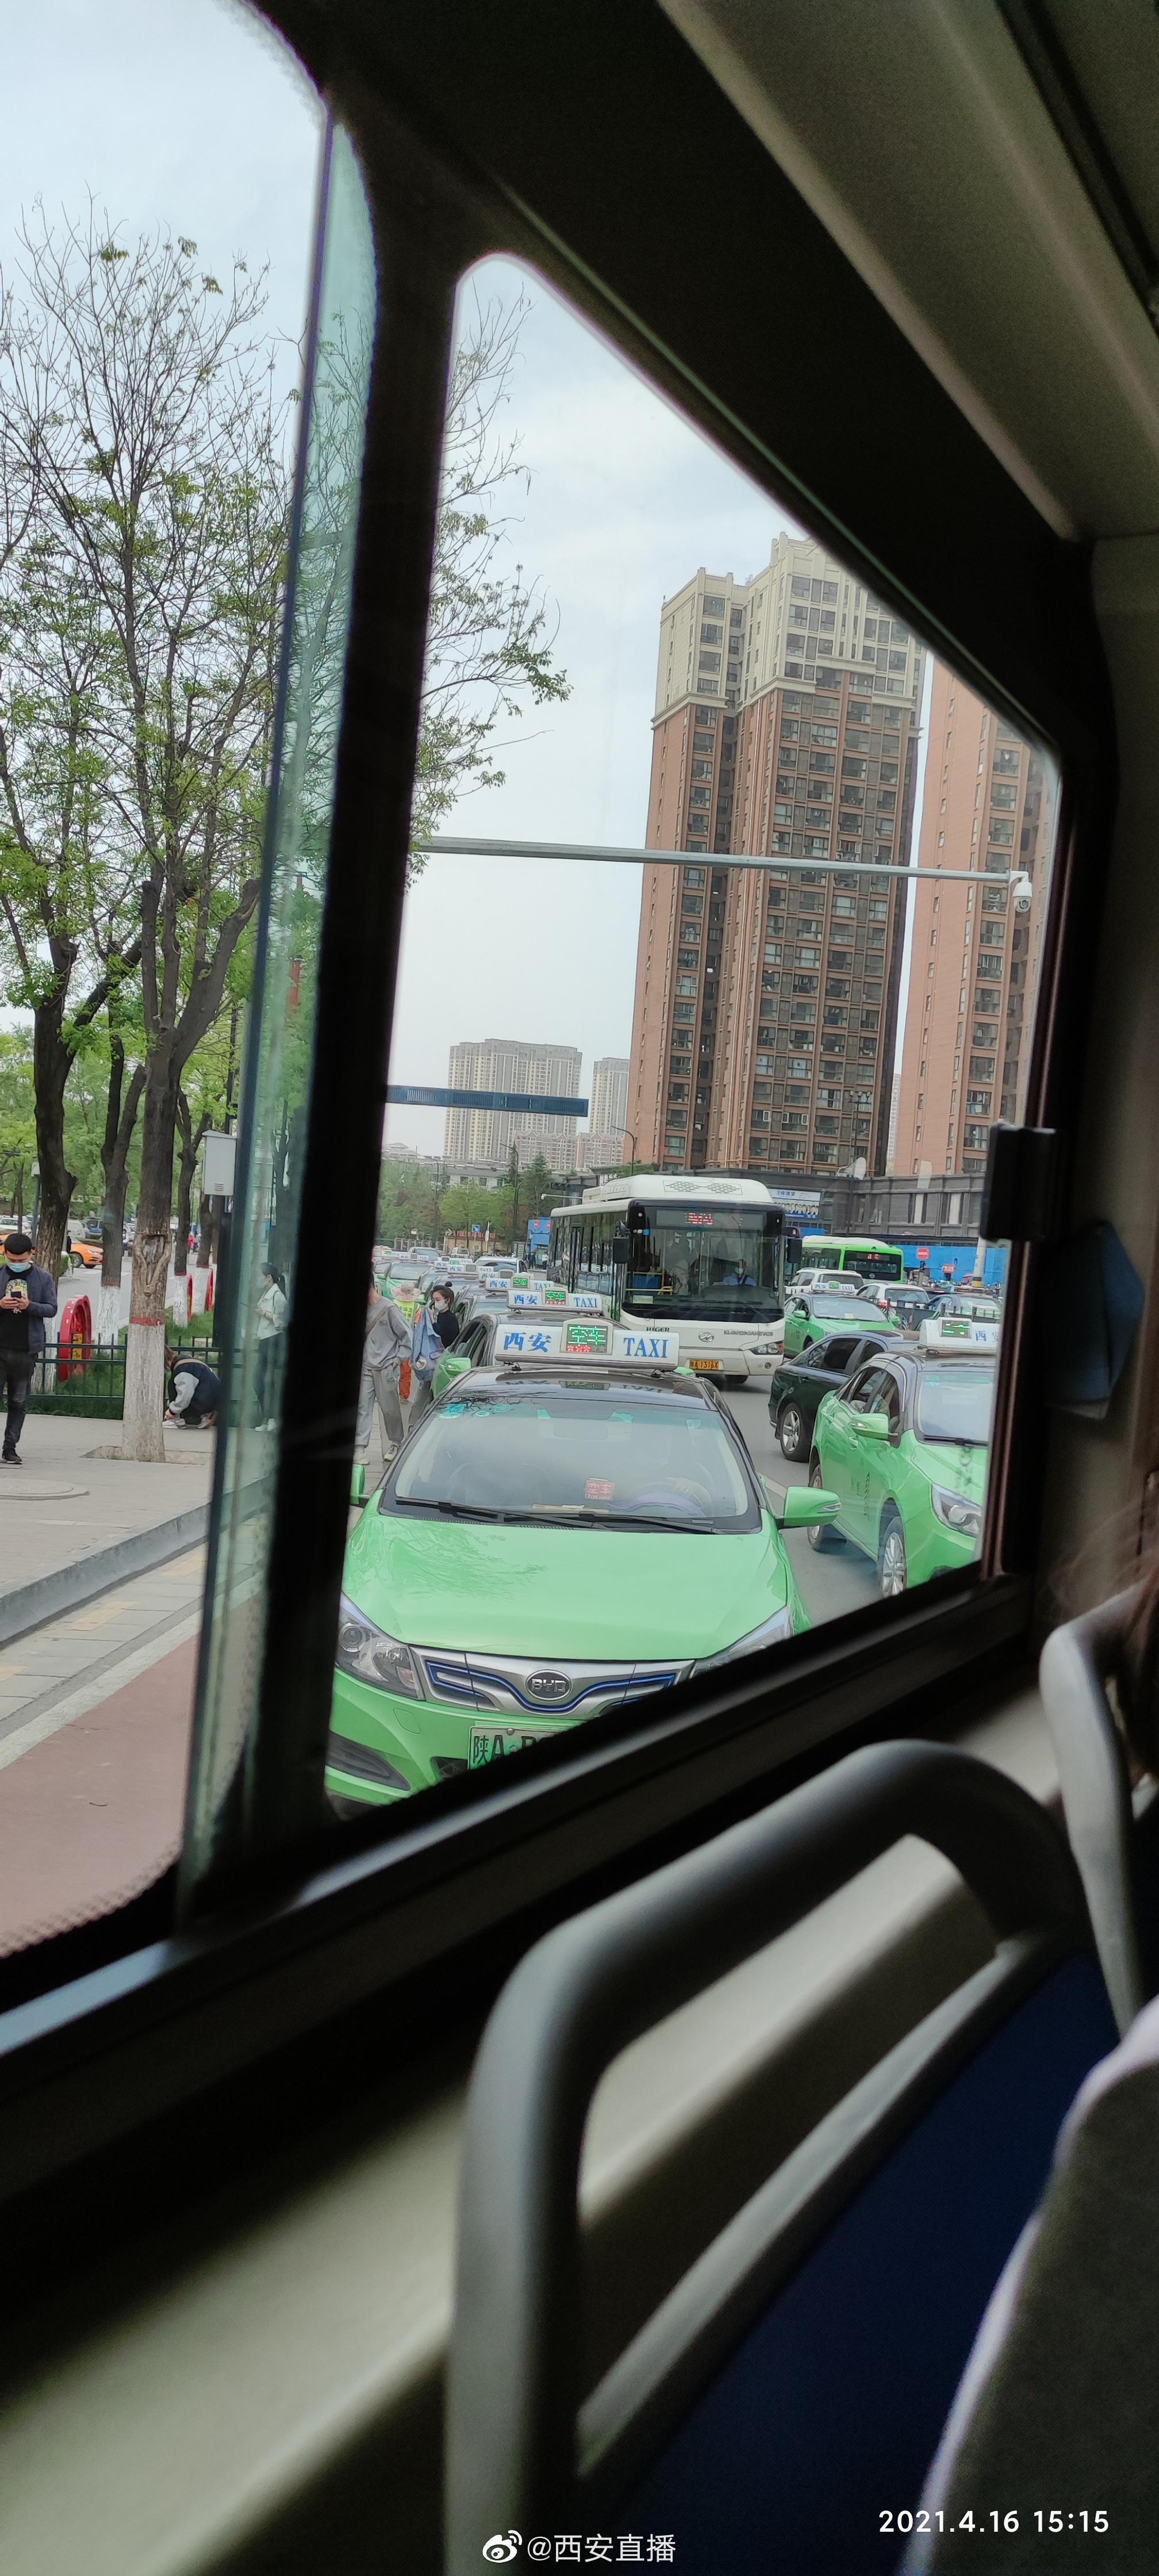 网友来稿:韦曲南地铁站,一长溜出租车停在路边……